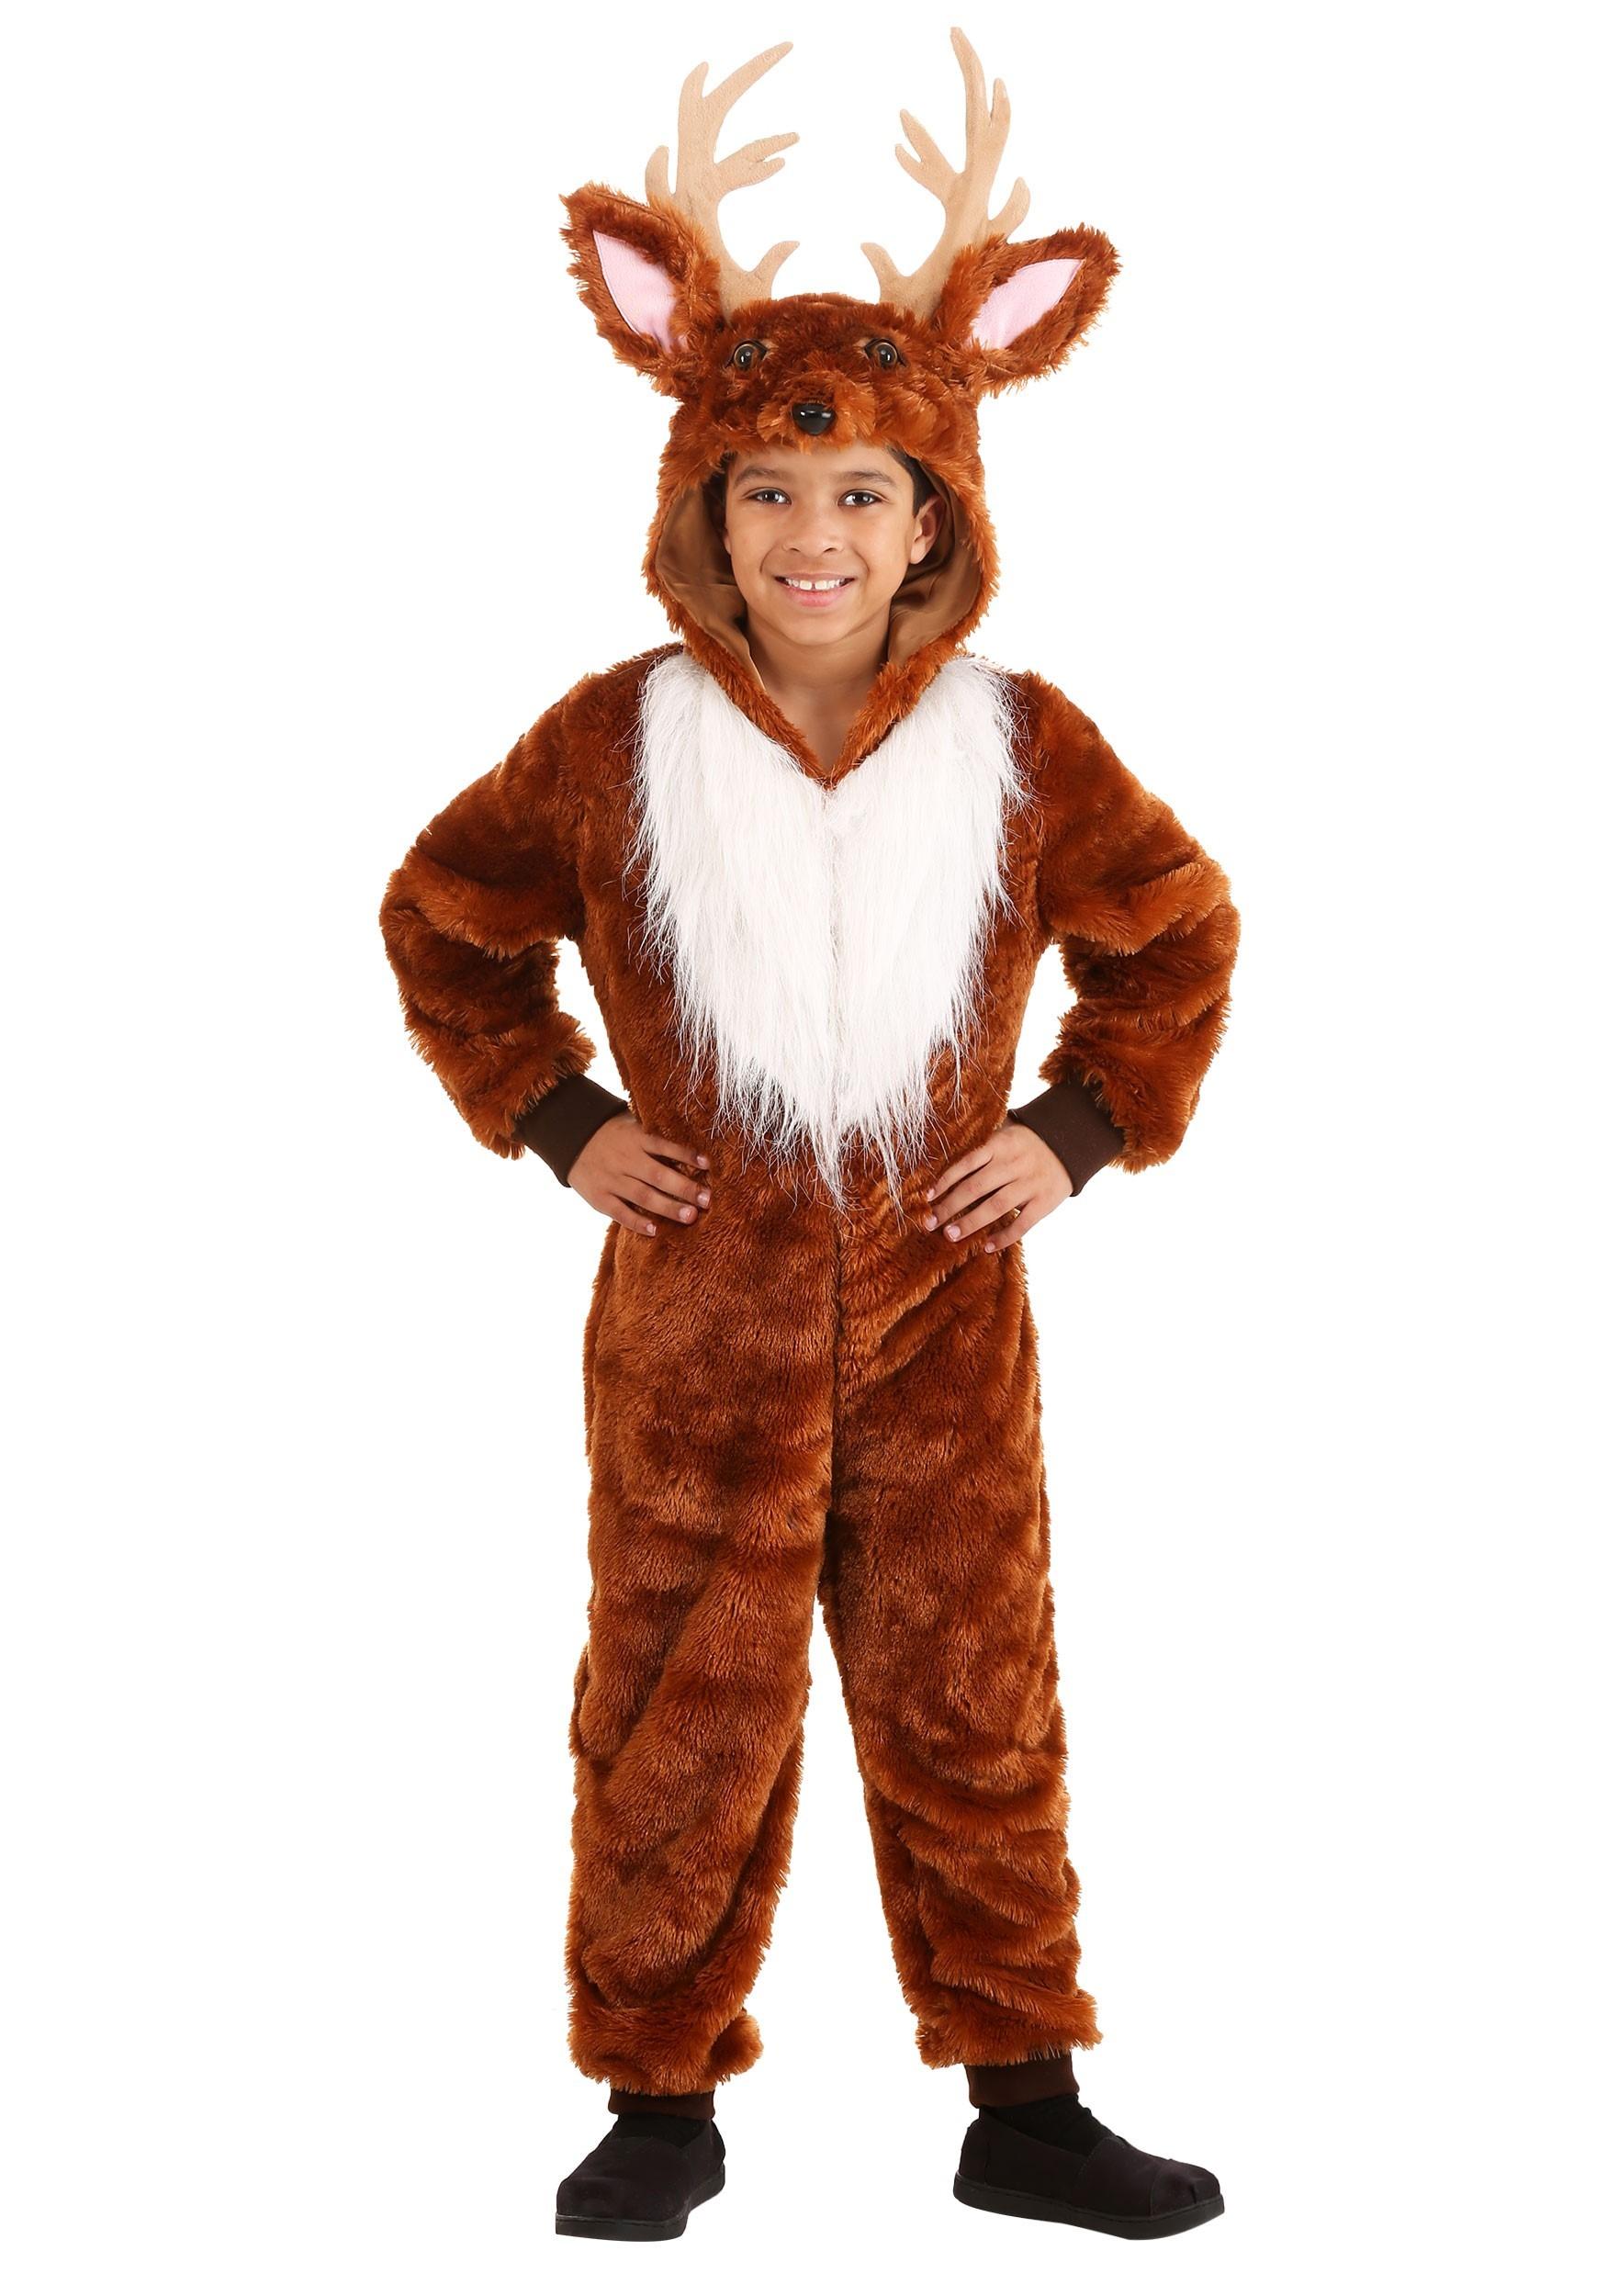 Dashing Deer Costume for Kids